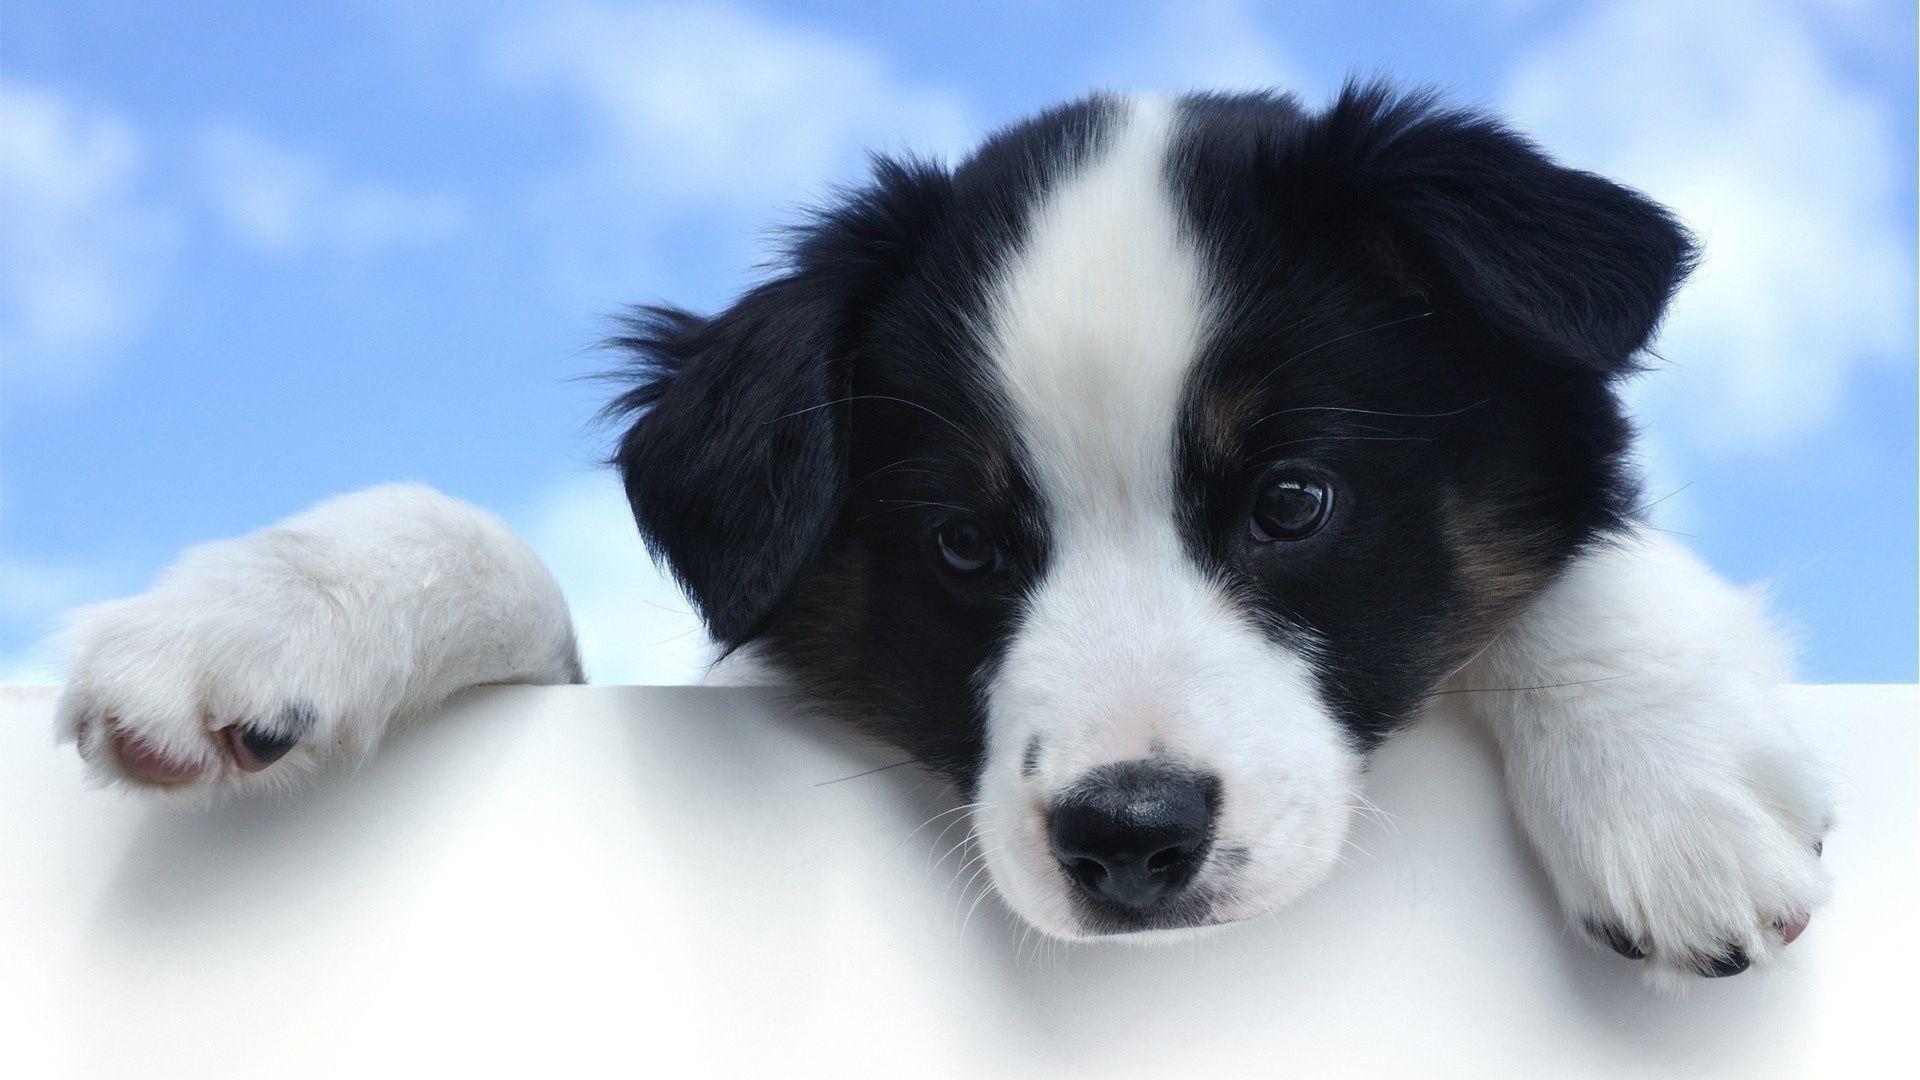 f6422ca6b200d4b26e223b18f6a79734 puppy in heaven religion pinterest dog wallpaper, dog and animal